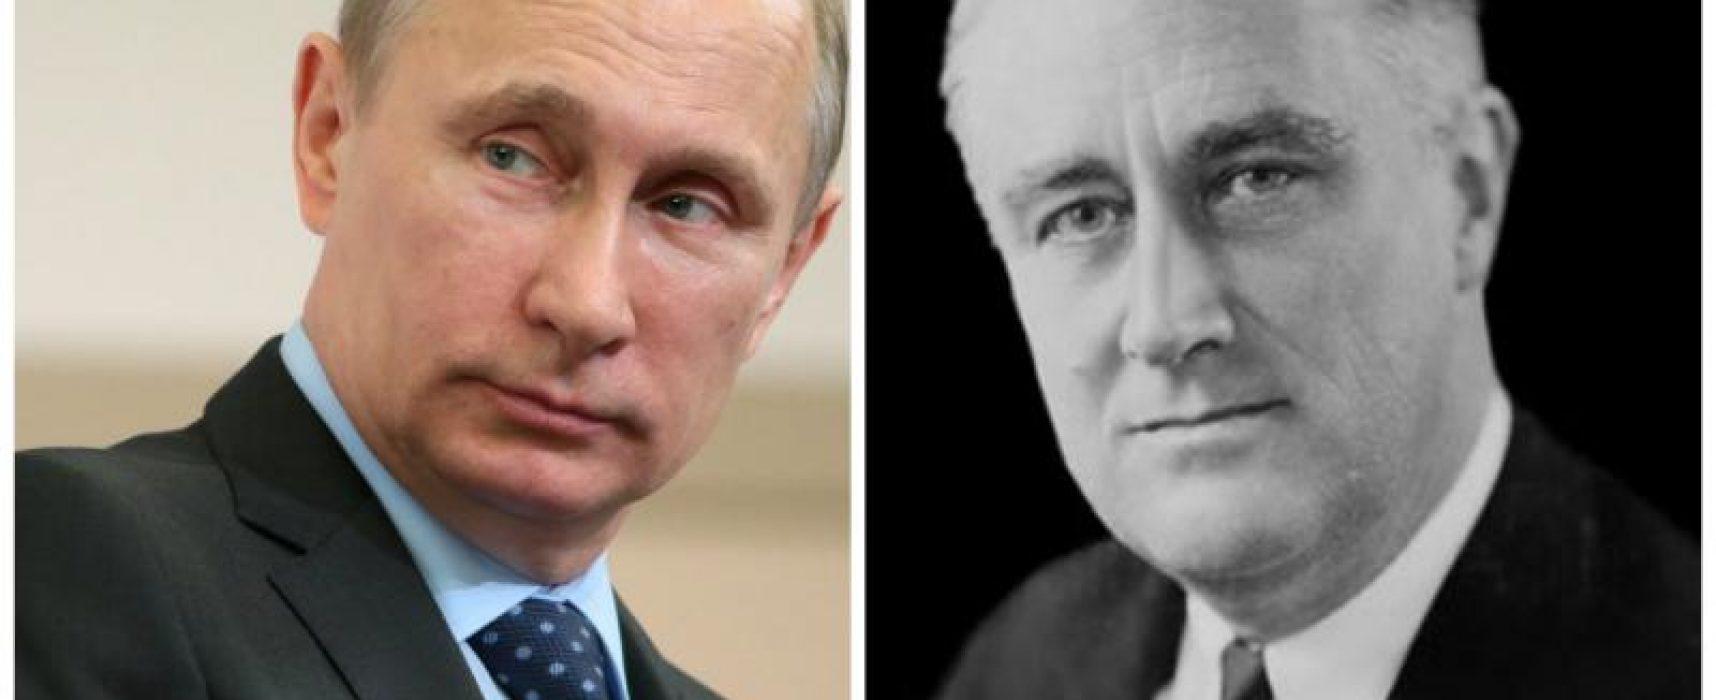 Путін назвав обмеження кількості президентських термінів недавньою ідеєю, пославшись на досвід США. Проте там ця традиція існує з часів Вашингтона